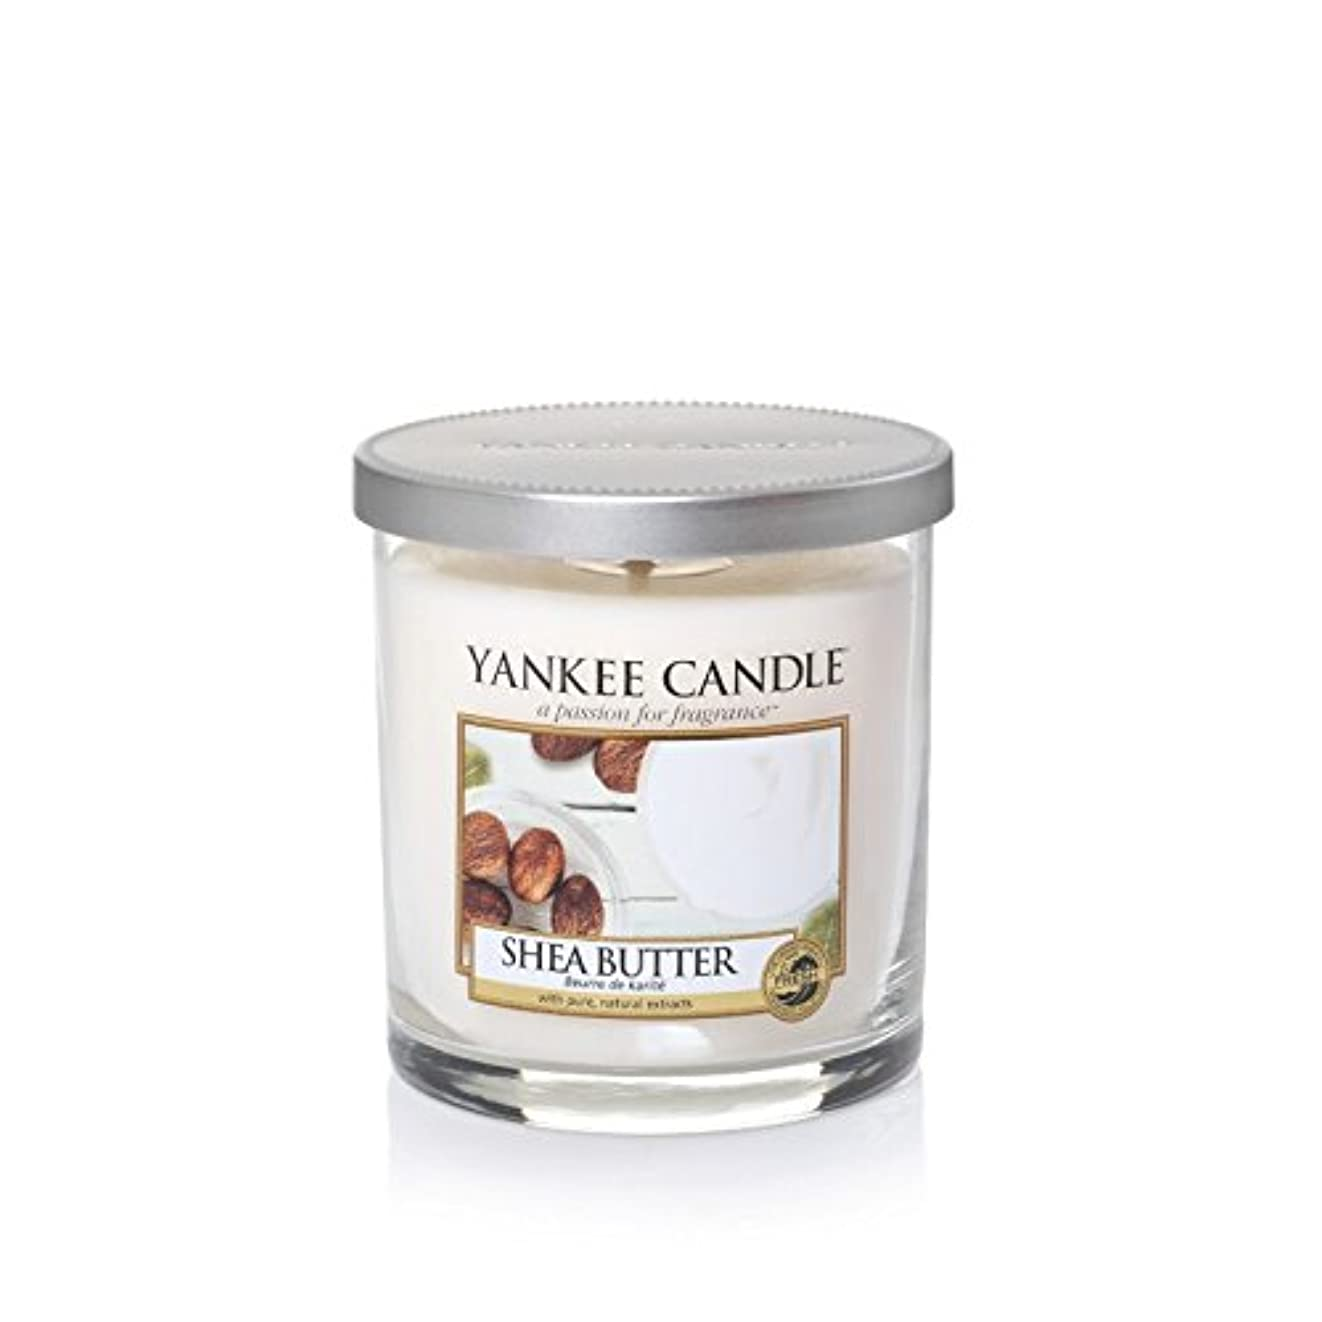 それら価値のない時Yankee Candles Small Pillar Candle - Shea Butter (Pack of 2) - ヤンキーキャンドルの小さな柱キャンドル - シアバター (x2) [並行輸入品]